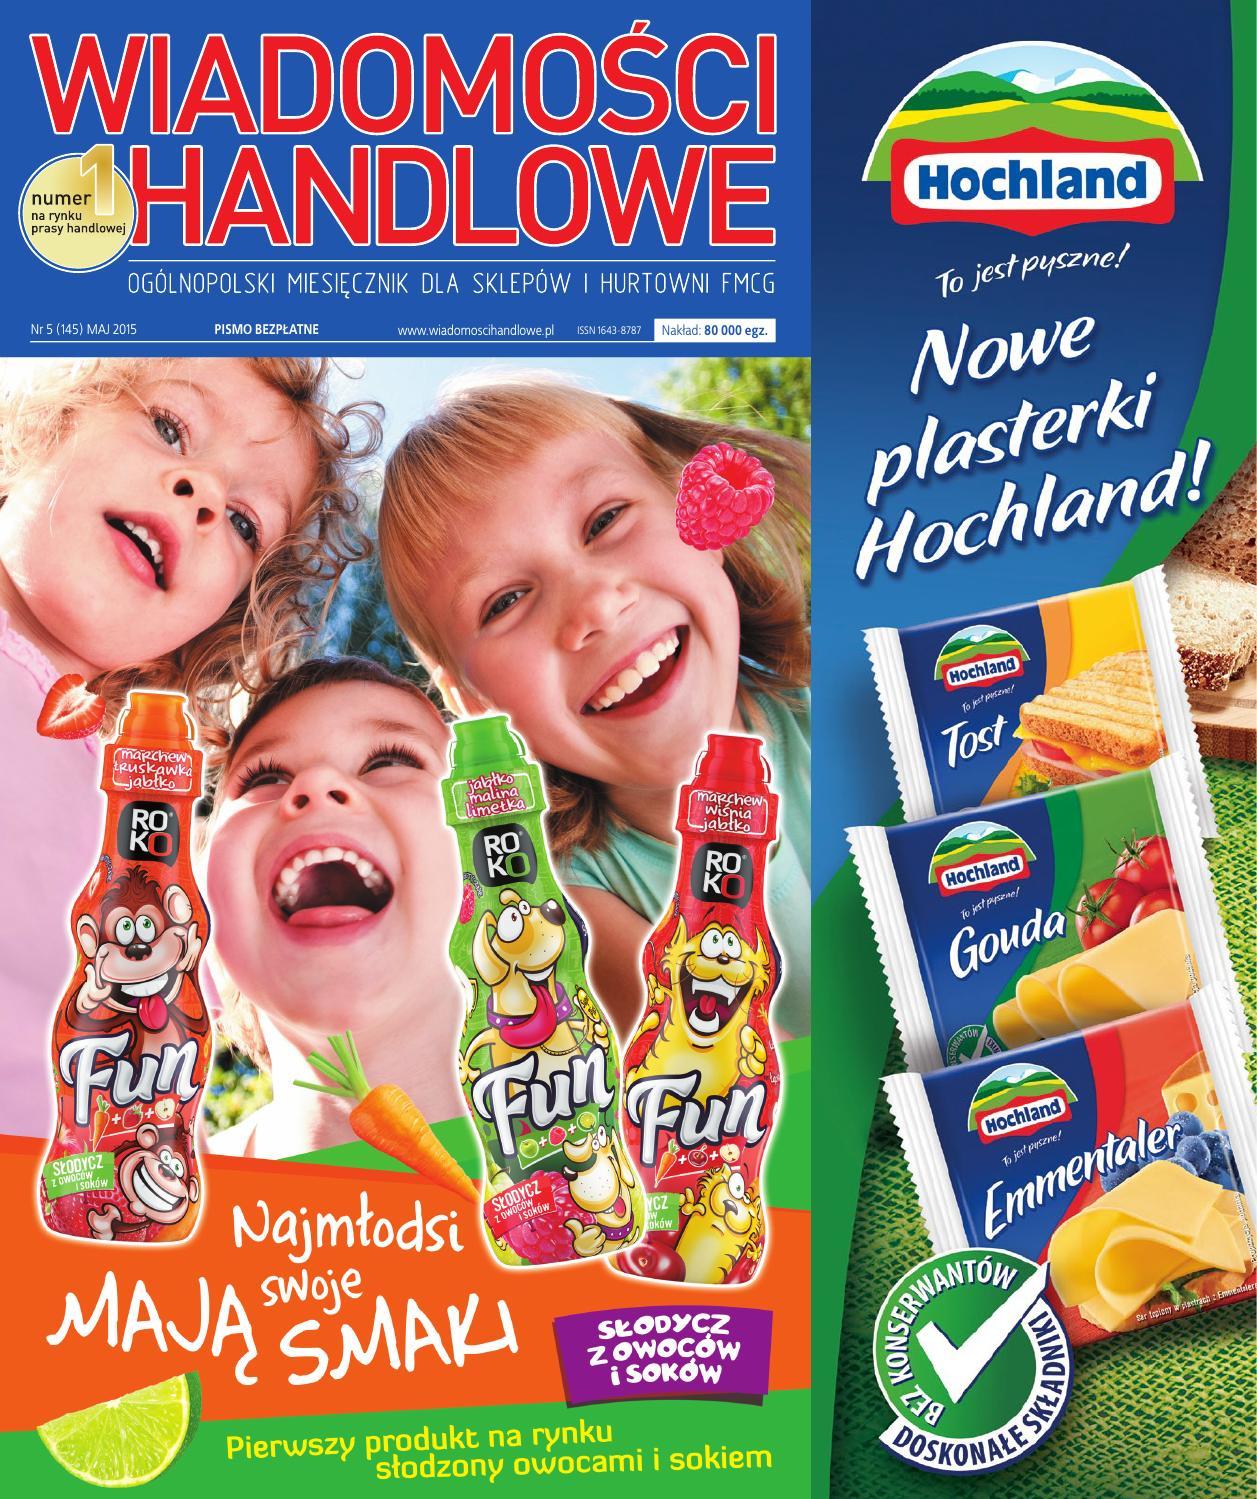 5428cca510b57 Wiadomości Handlowe, nr 145, maj 2015 by Wiadomości Handlowe - issuu